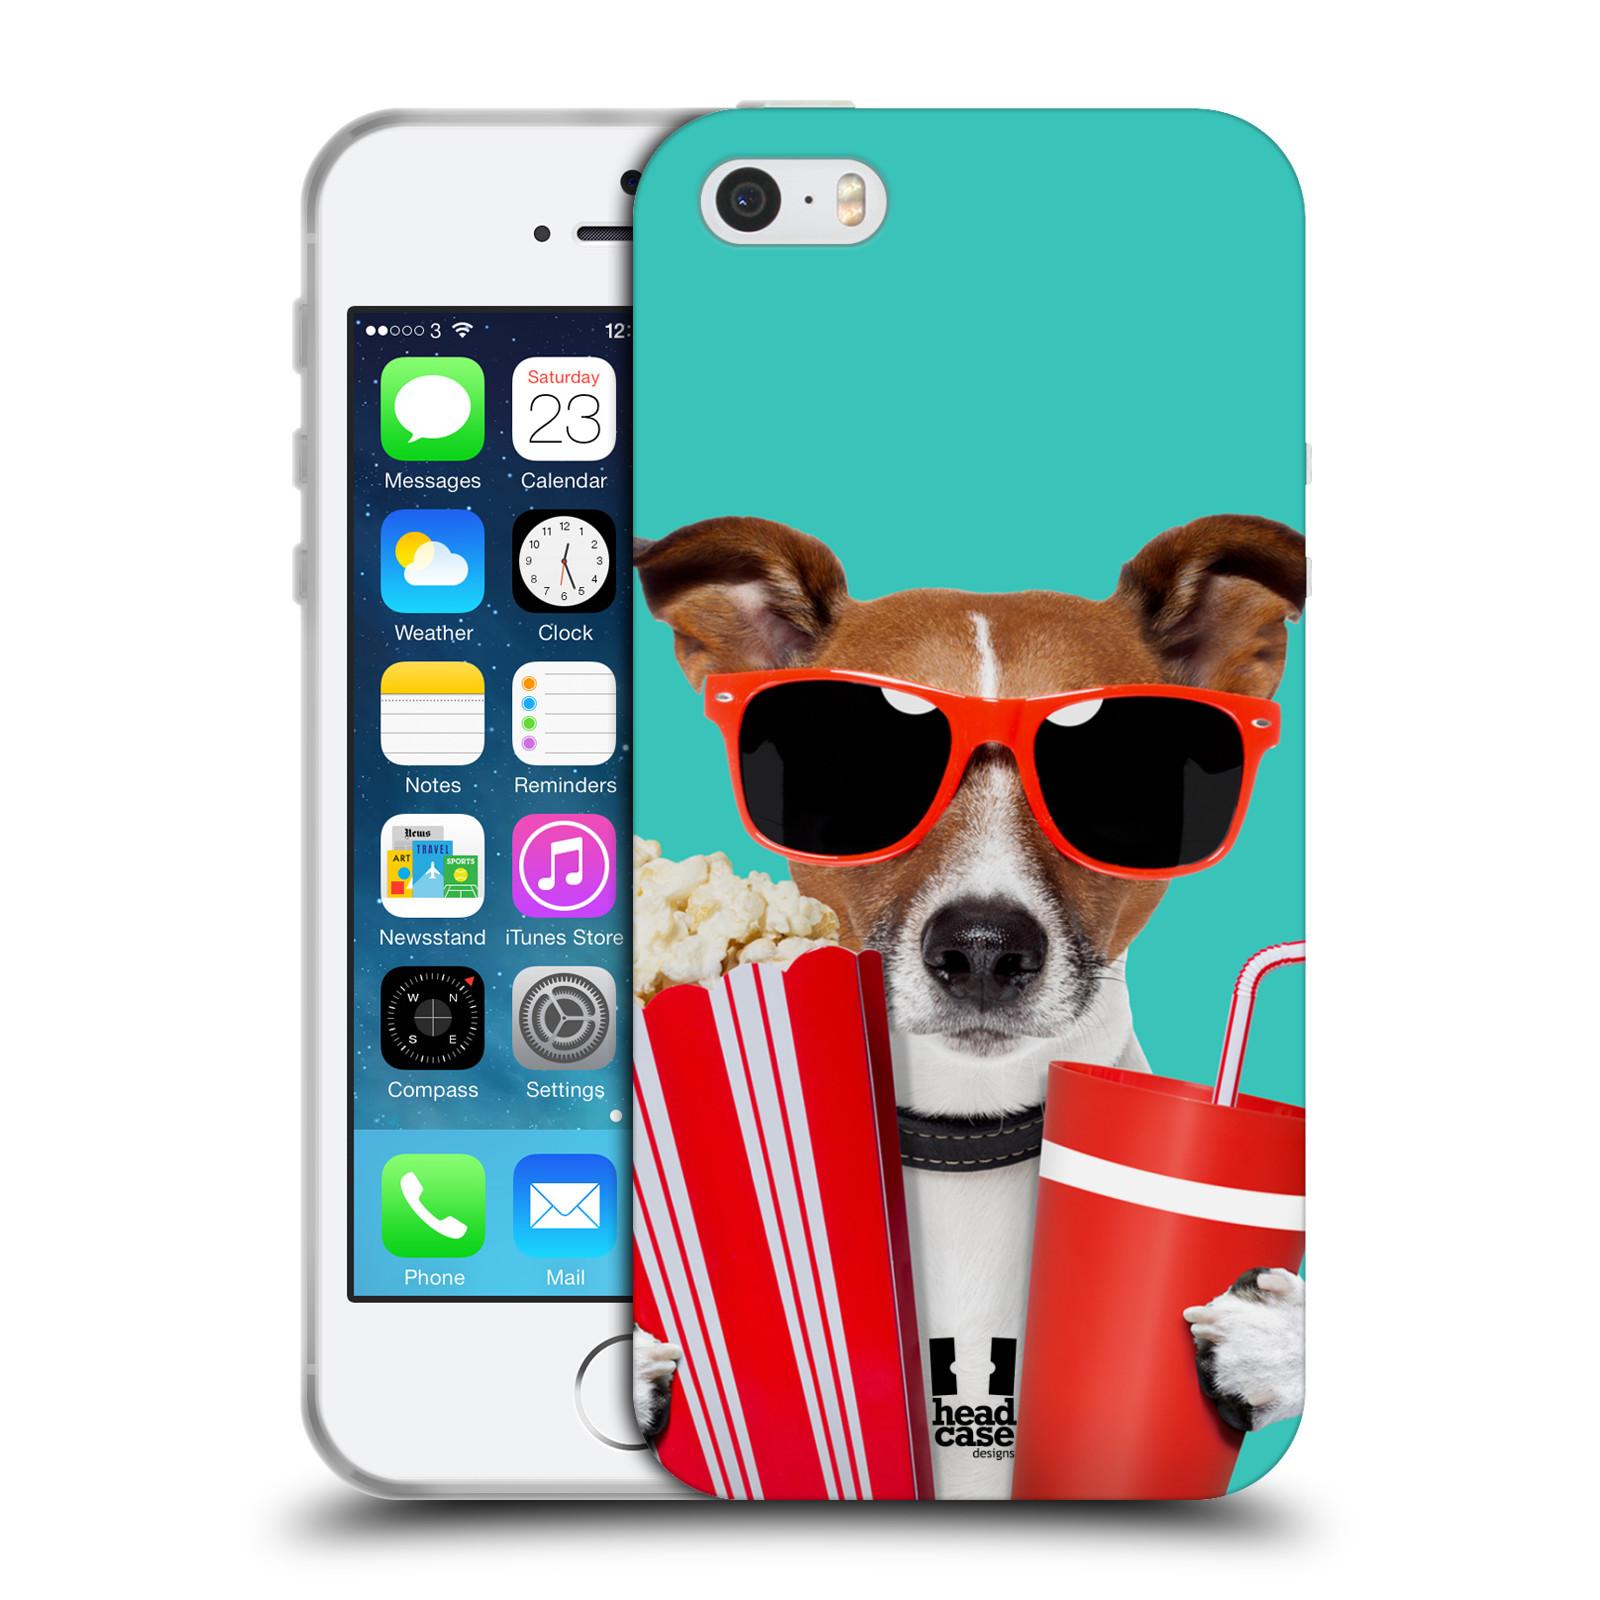 HEAD CASE silikonový obal na mobil Apple Iphone 5/5S vzor Legrační zvířátka pejsek v kině s popkornem